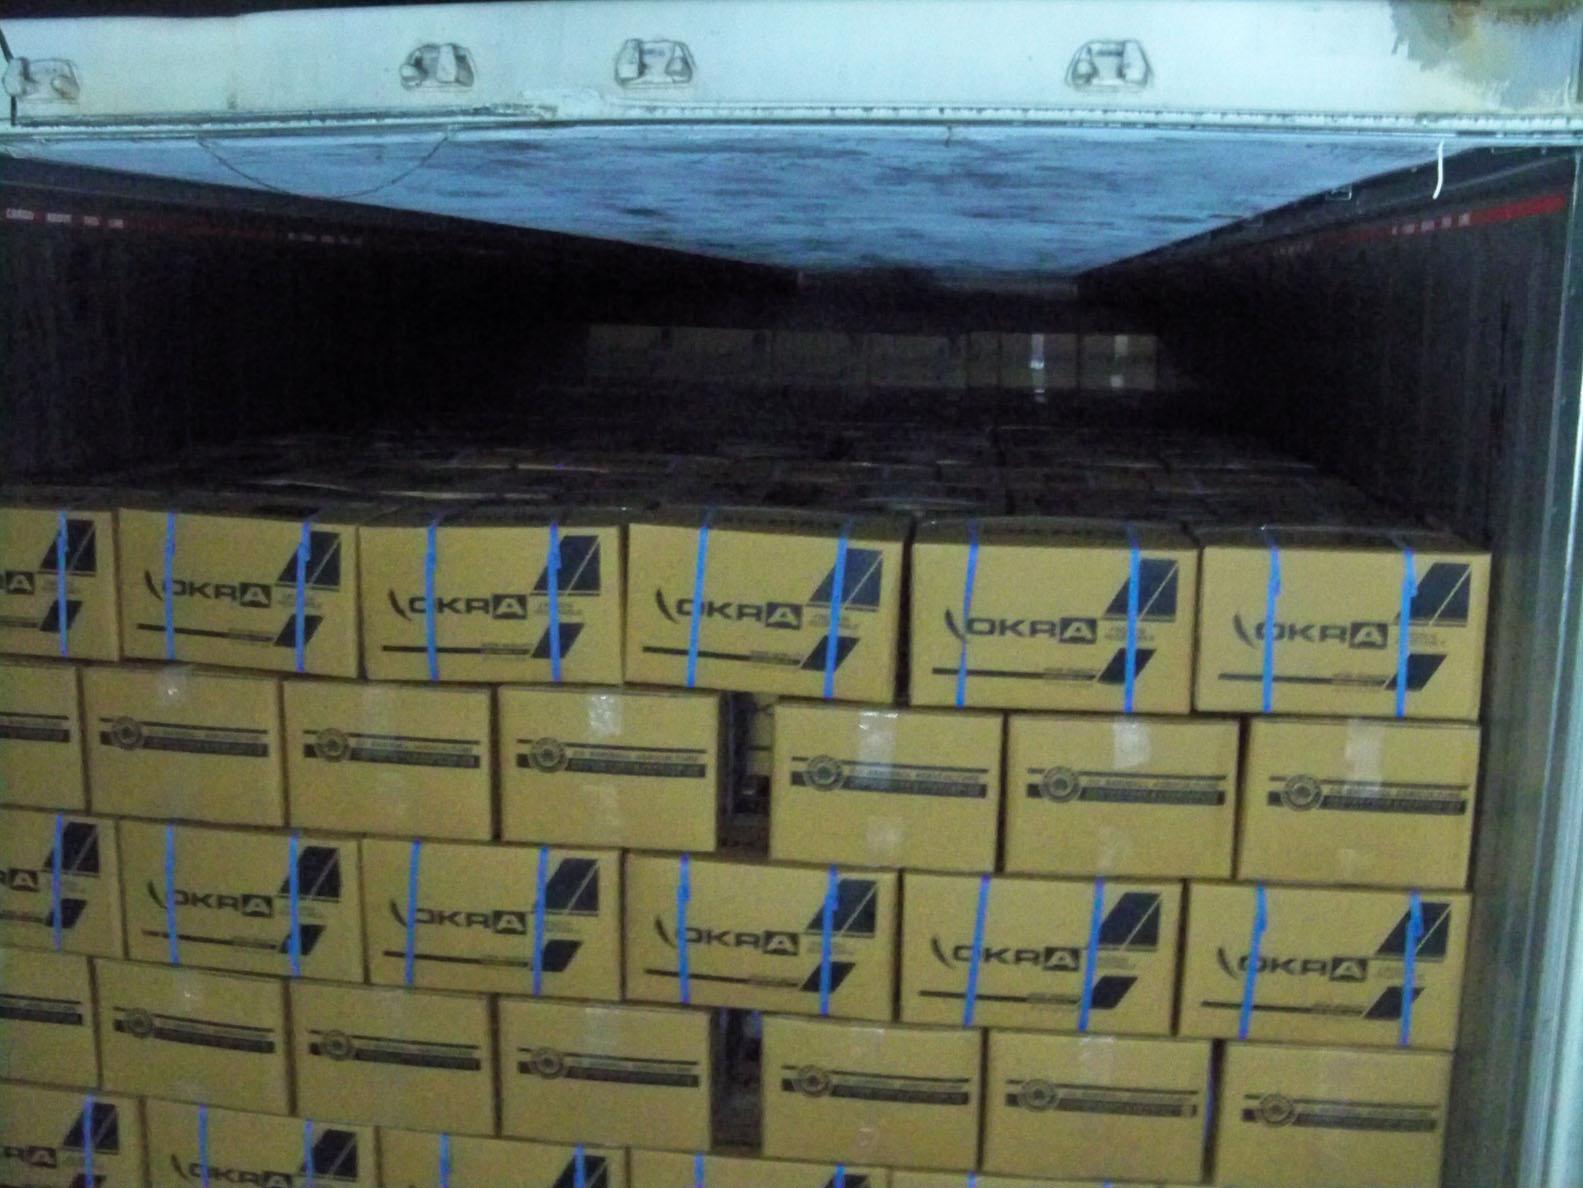 Frozen Okra Export